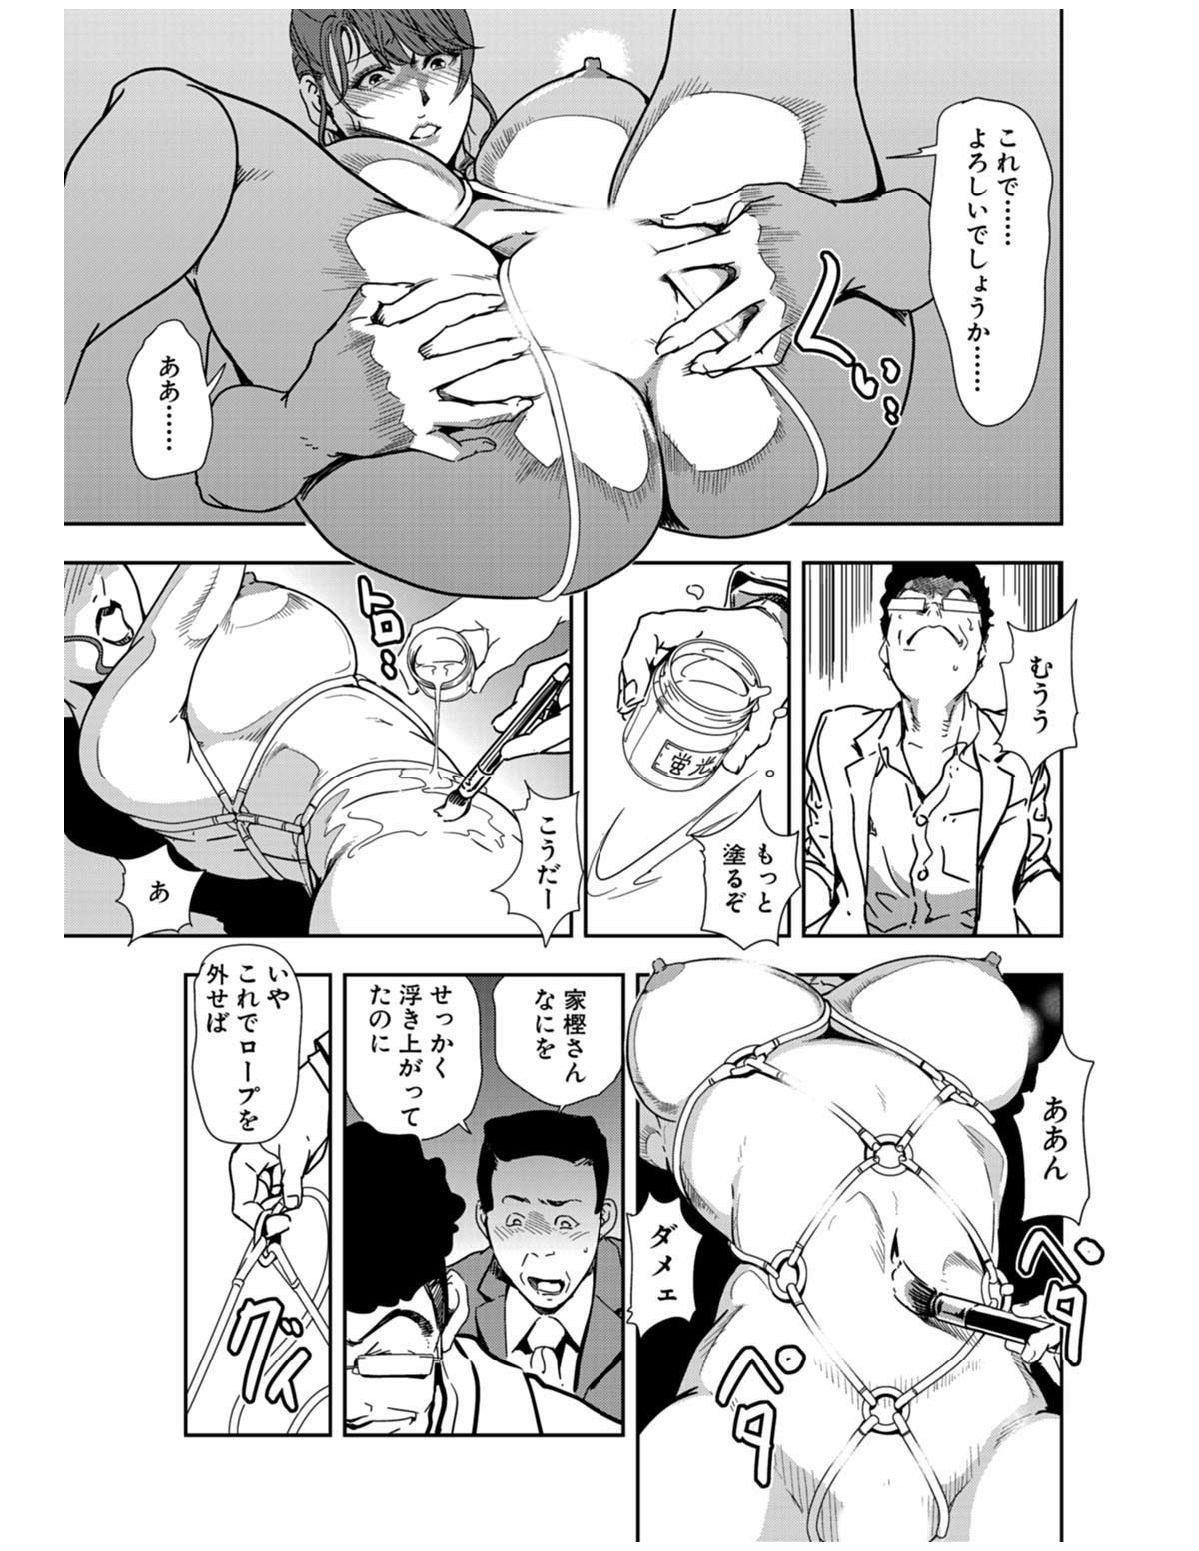 Nikuhisyo Yukiko 21 90